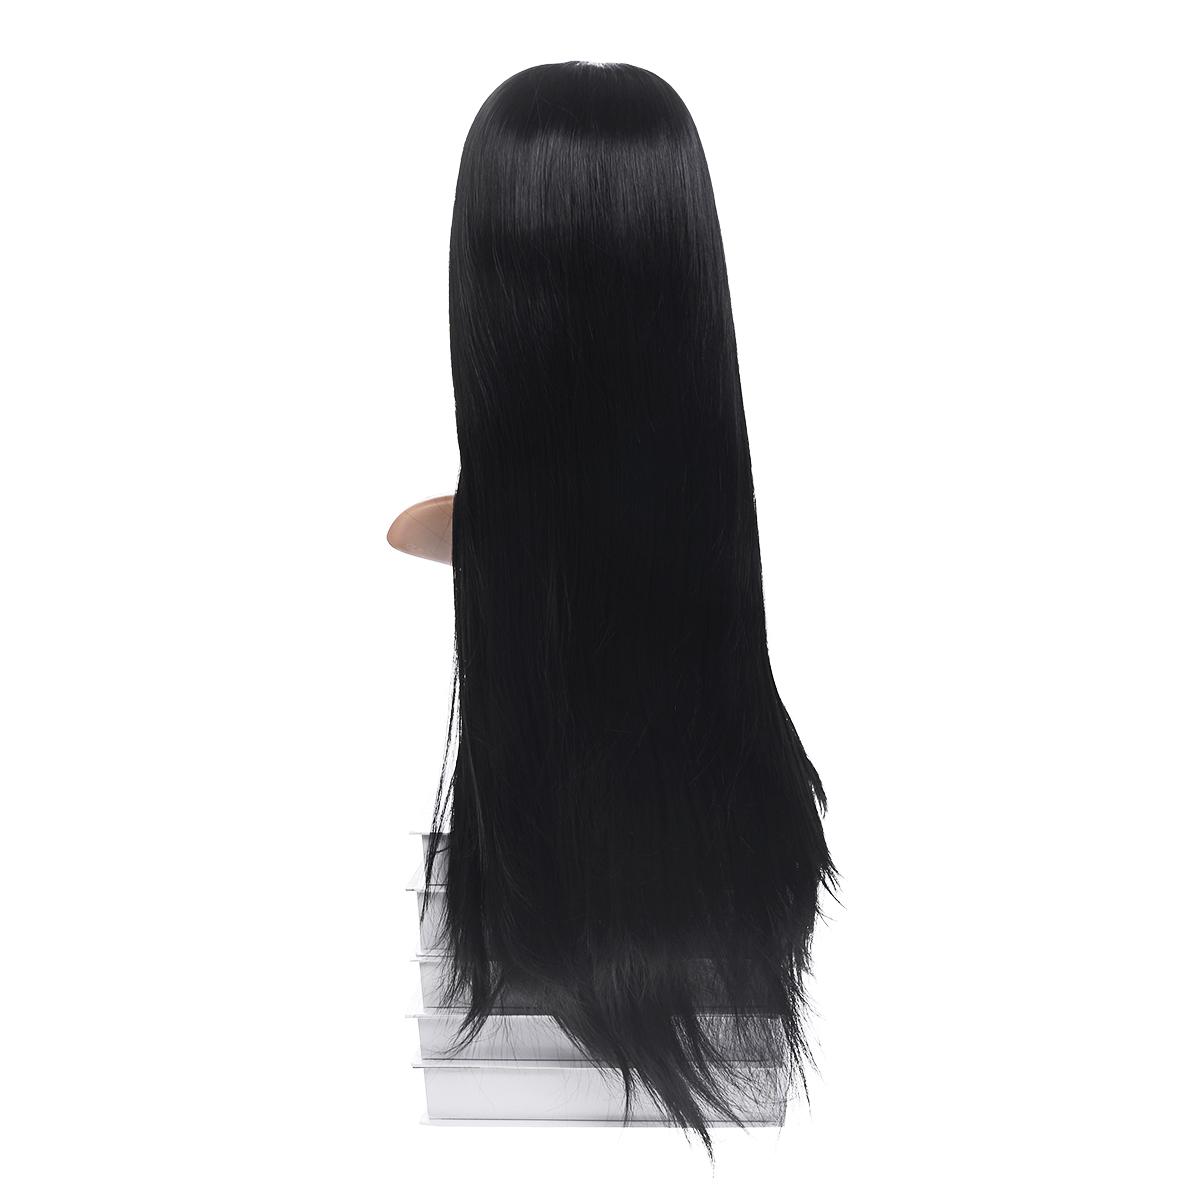 Frauen Lange Perücke Volle Frontspitze Schwarzes Haar Micro Twists Full Density Gradient